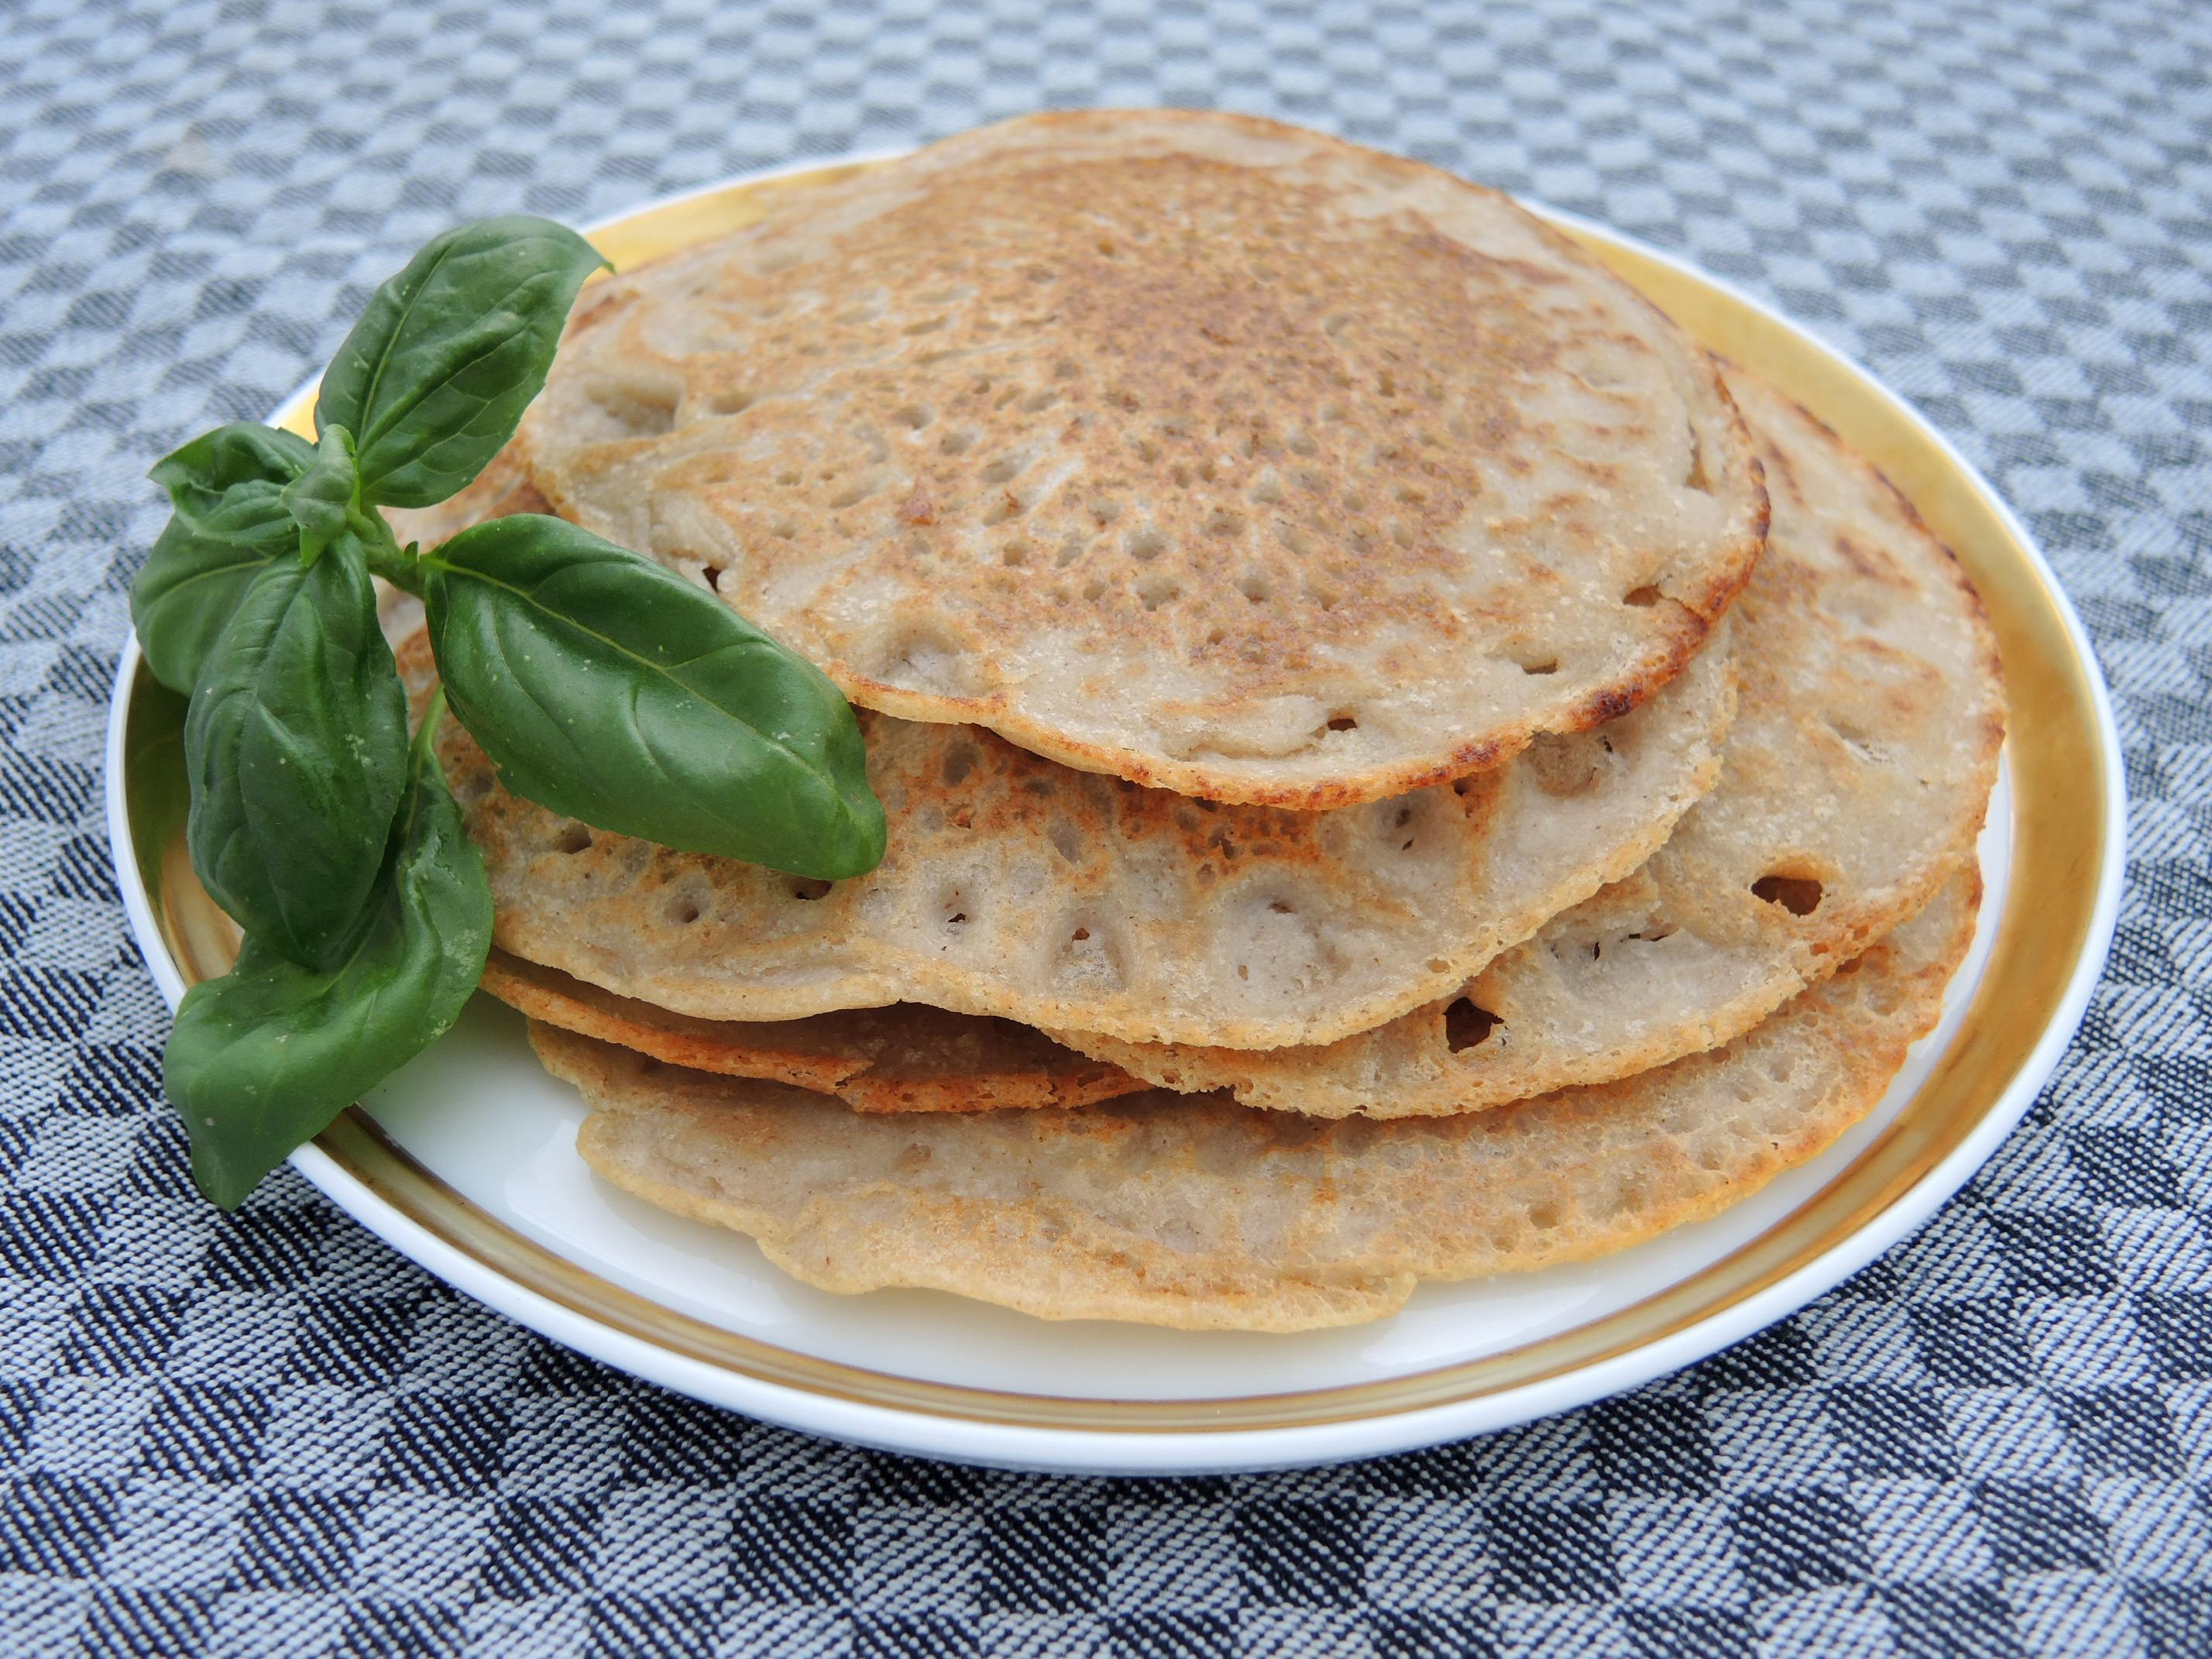 Buchweizenpfannkuchen Ohne Ei Rezept Kochenohne